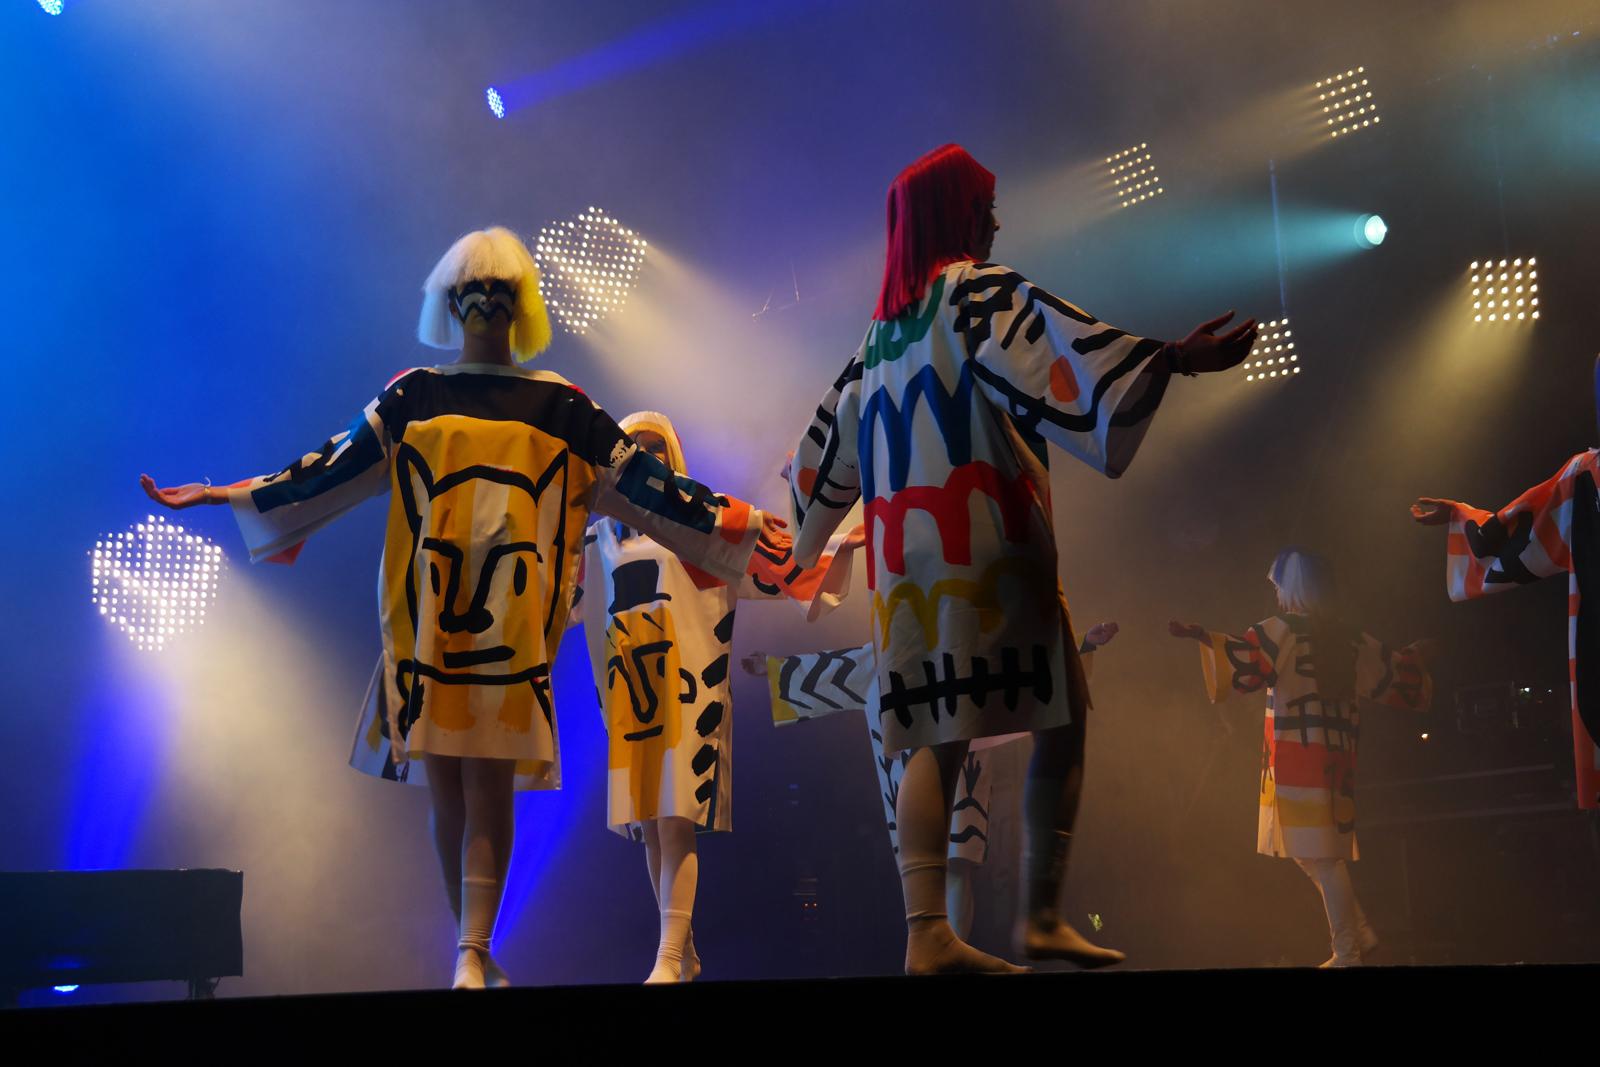 Jean-Charles-de-Castelbajac-JCDC-spectacle-Fantomes-avec-Mr-No-création-musique-mode-Art-Rock-2015-festival-Saint-Brieuc-photo-scène-united-states-of-paris-blog